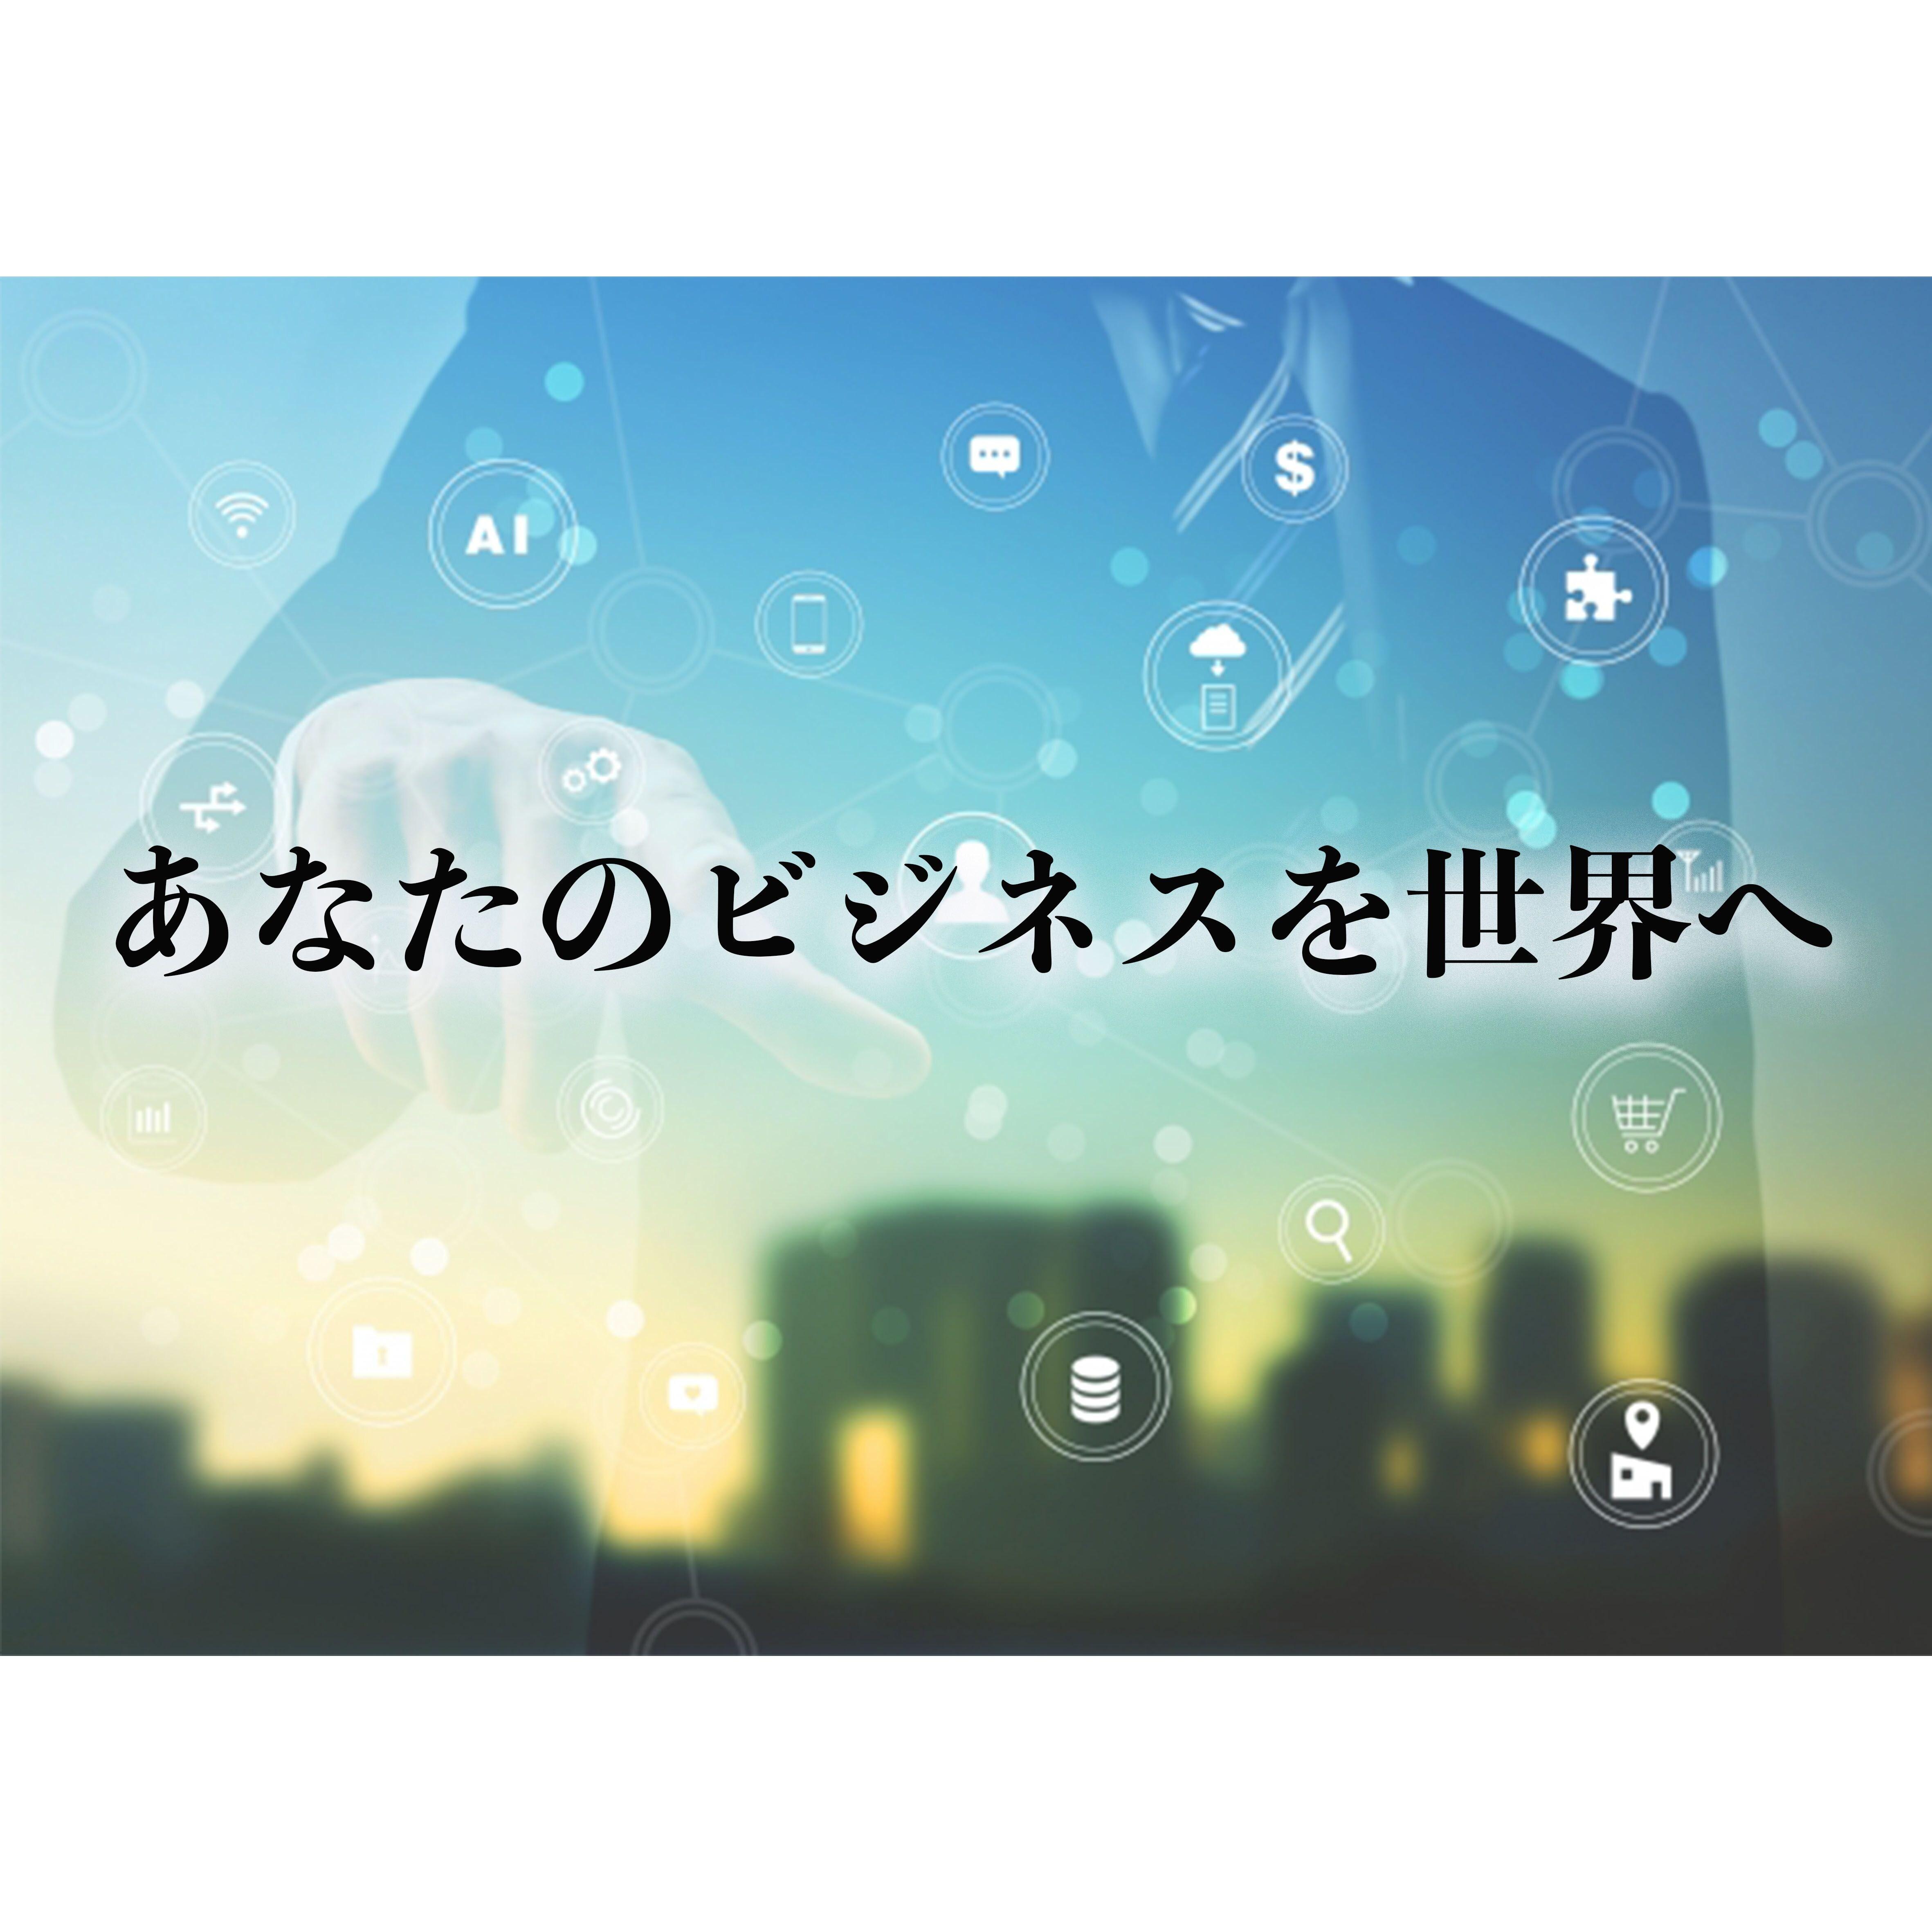 電子書籍出版代行/動画編集/ショップサイト制作代行〈ノーリミット〉